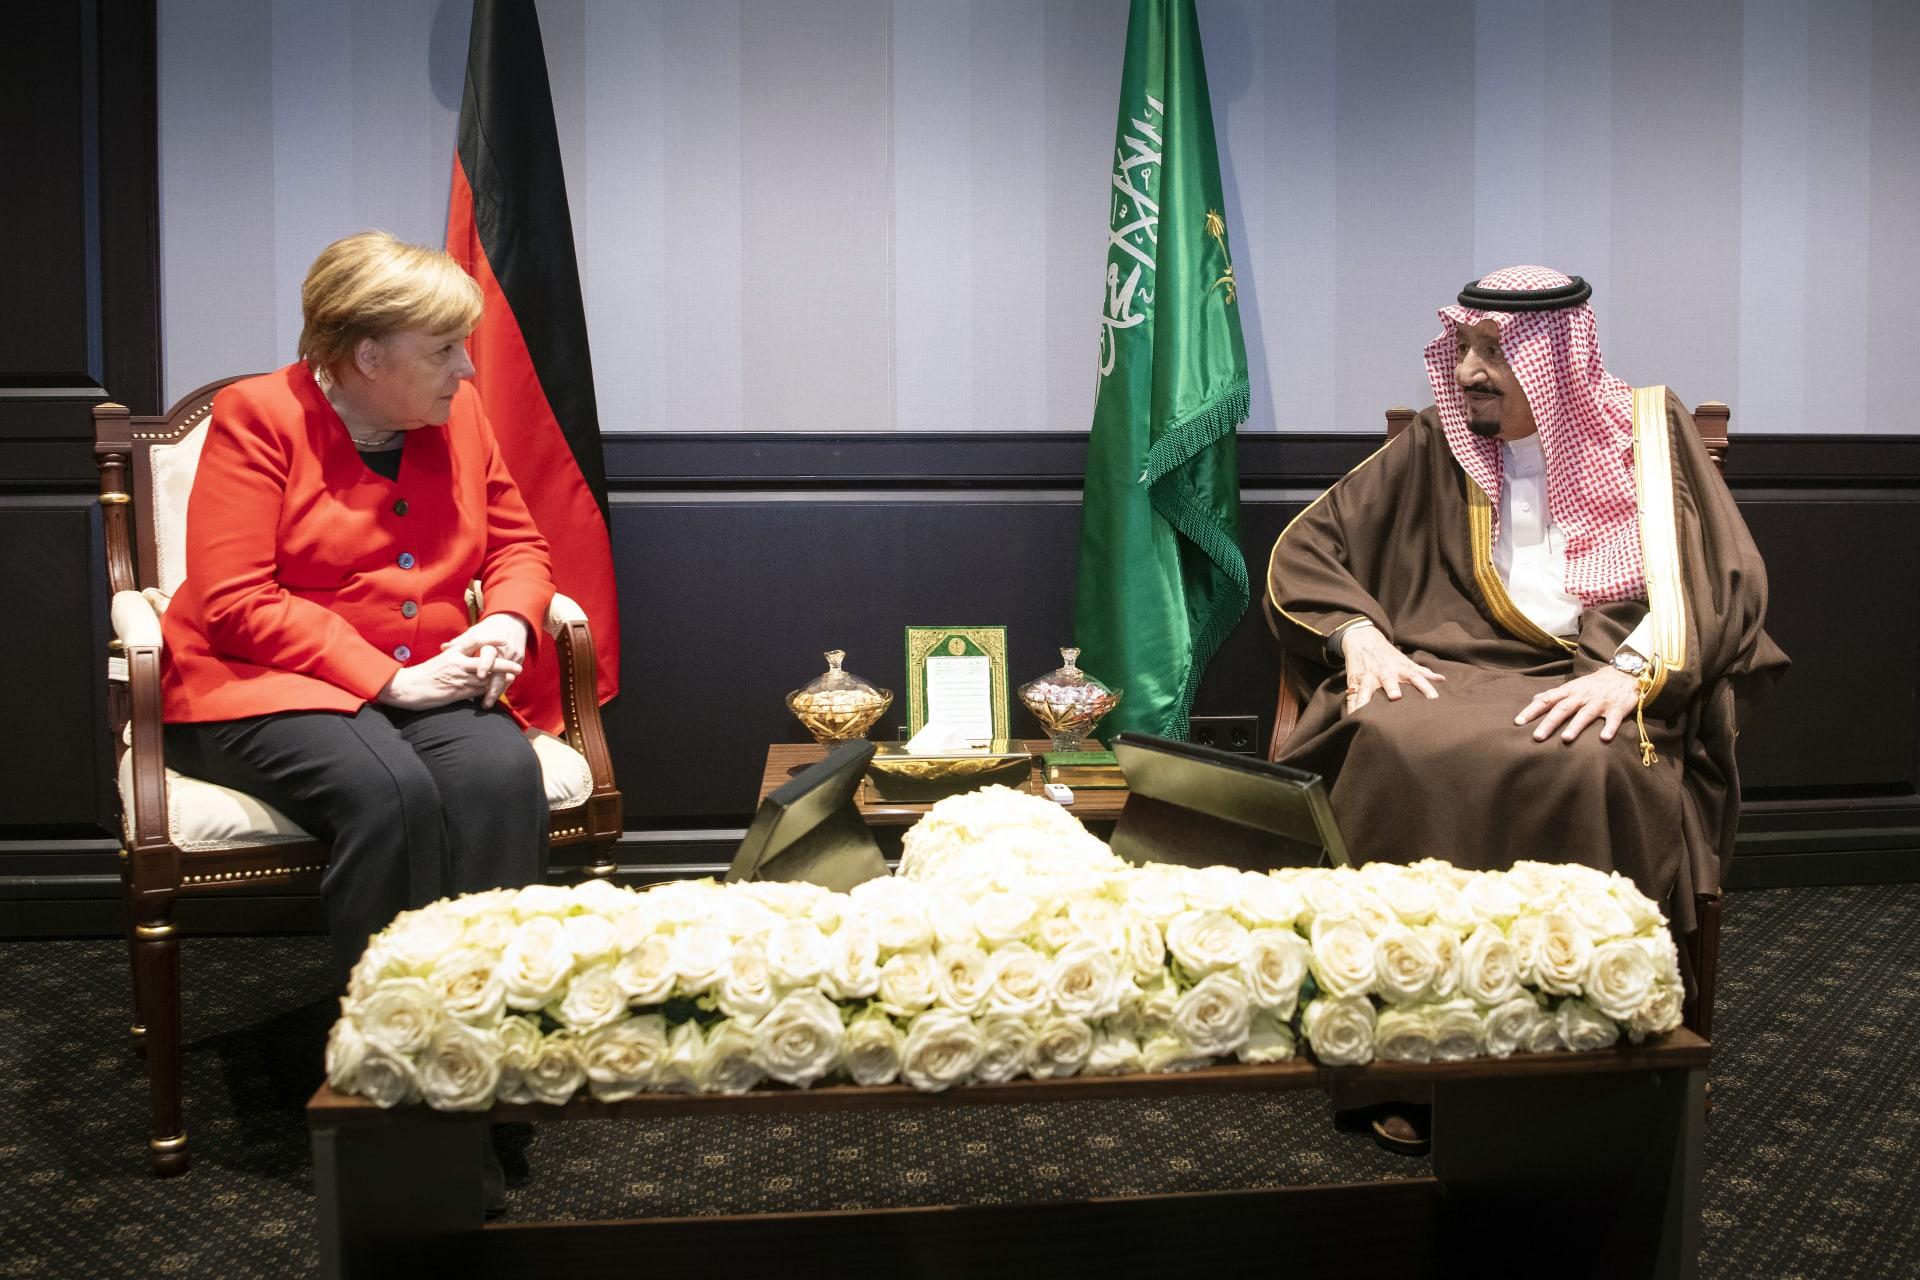 صورة أرشيفية للقاء بين الملك سلمان وميركل على هامش قمة في شرم الشيخ في فبراير 2019